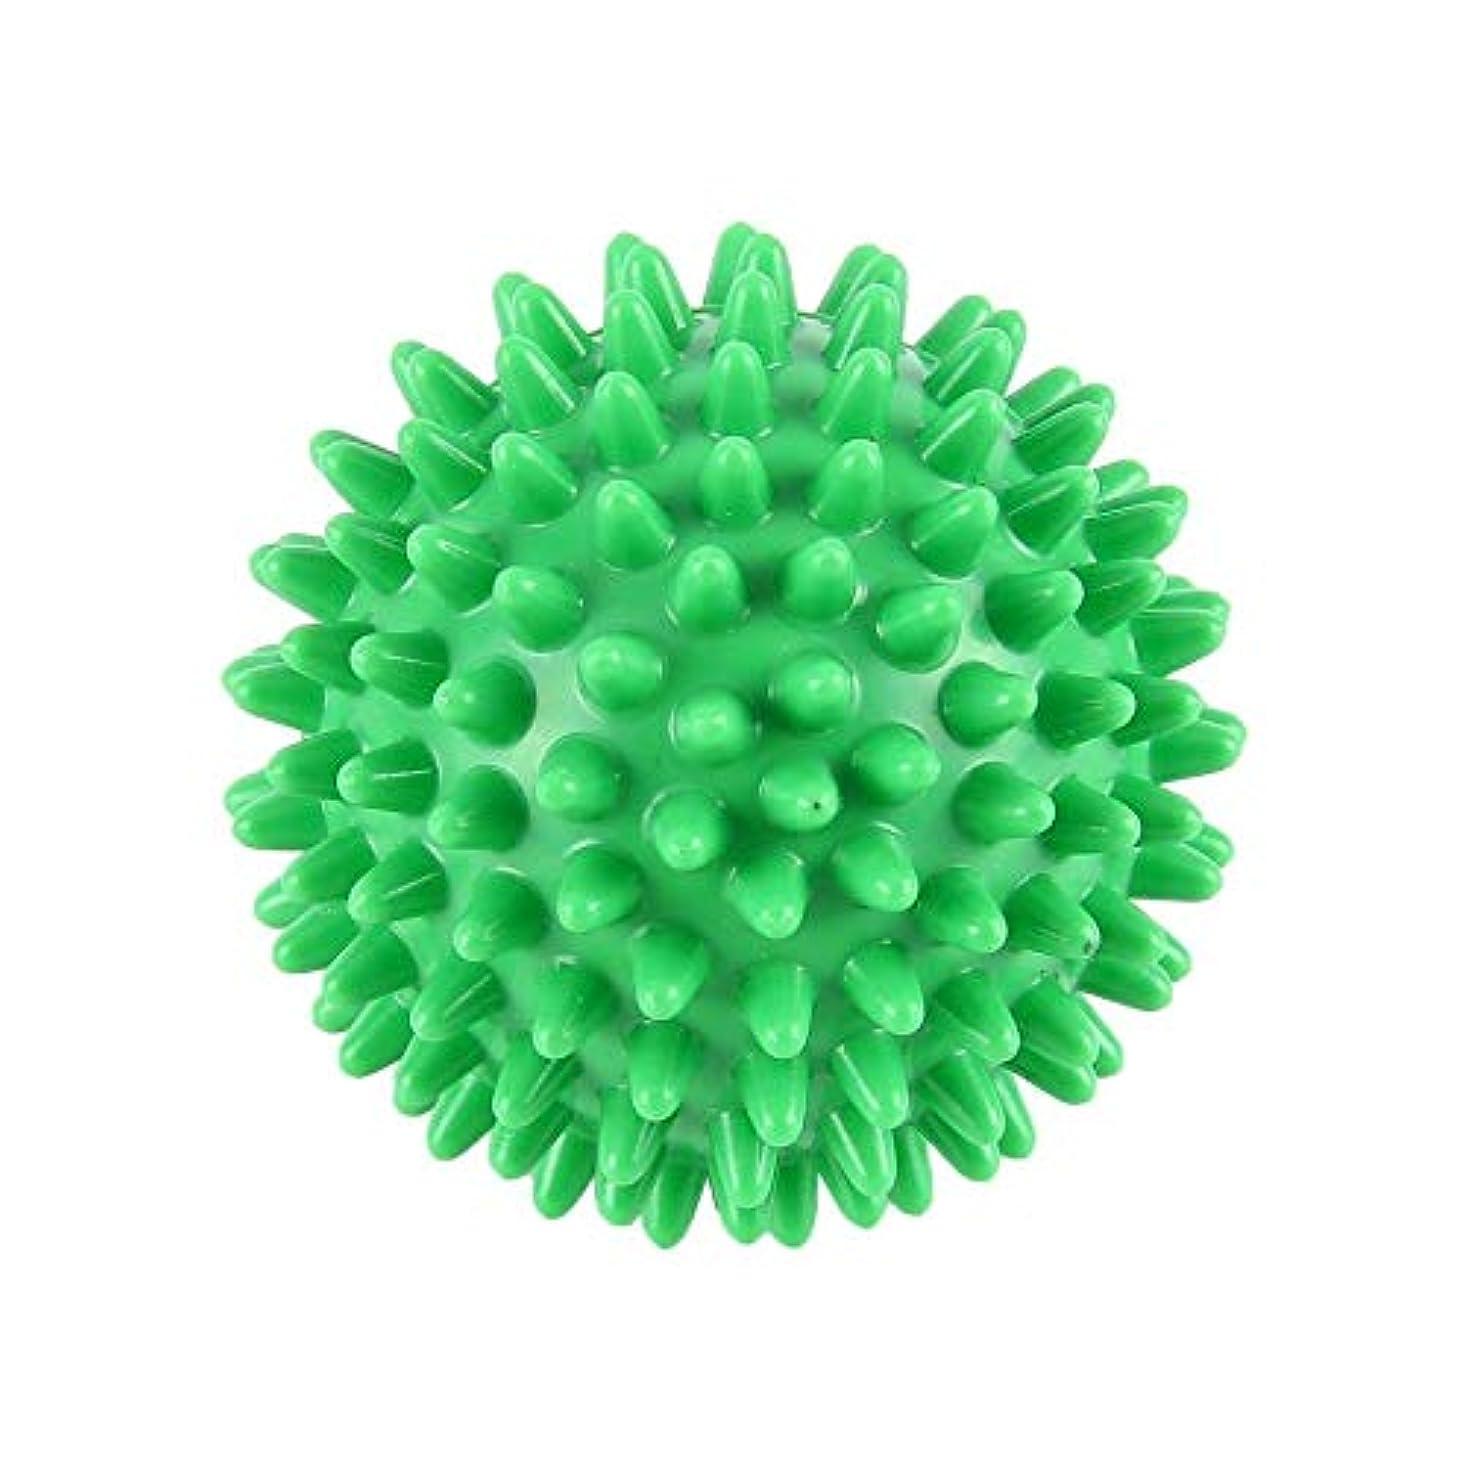 事業ジョグ暖かさPVC先端のとがったマッサージボール足の痛みと足底筋膜炎除去剤ハリネズミボール(6cm)